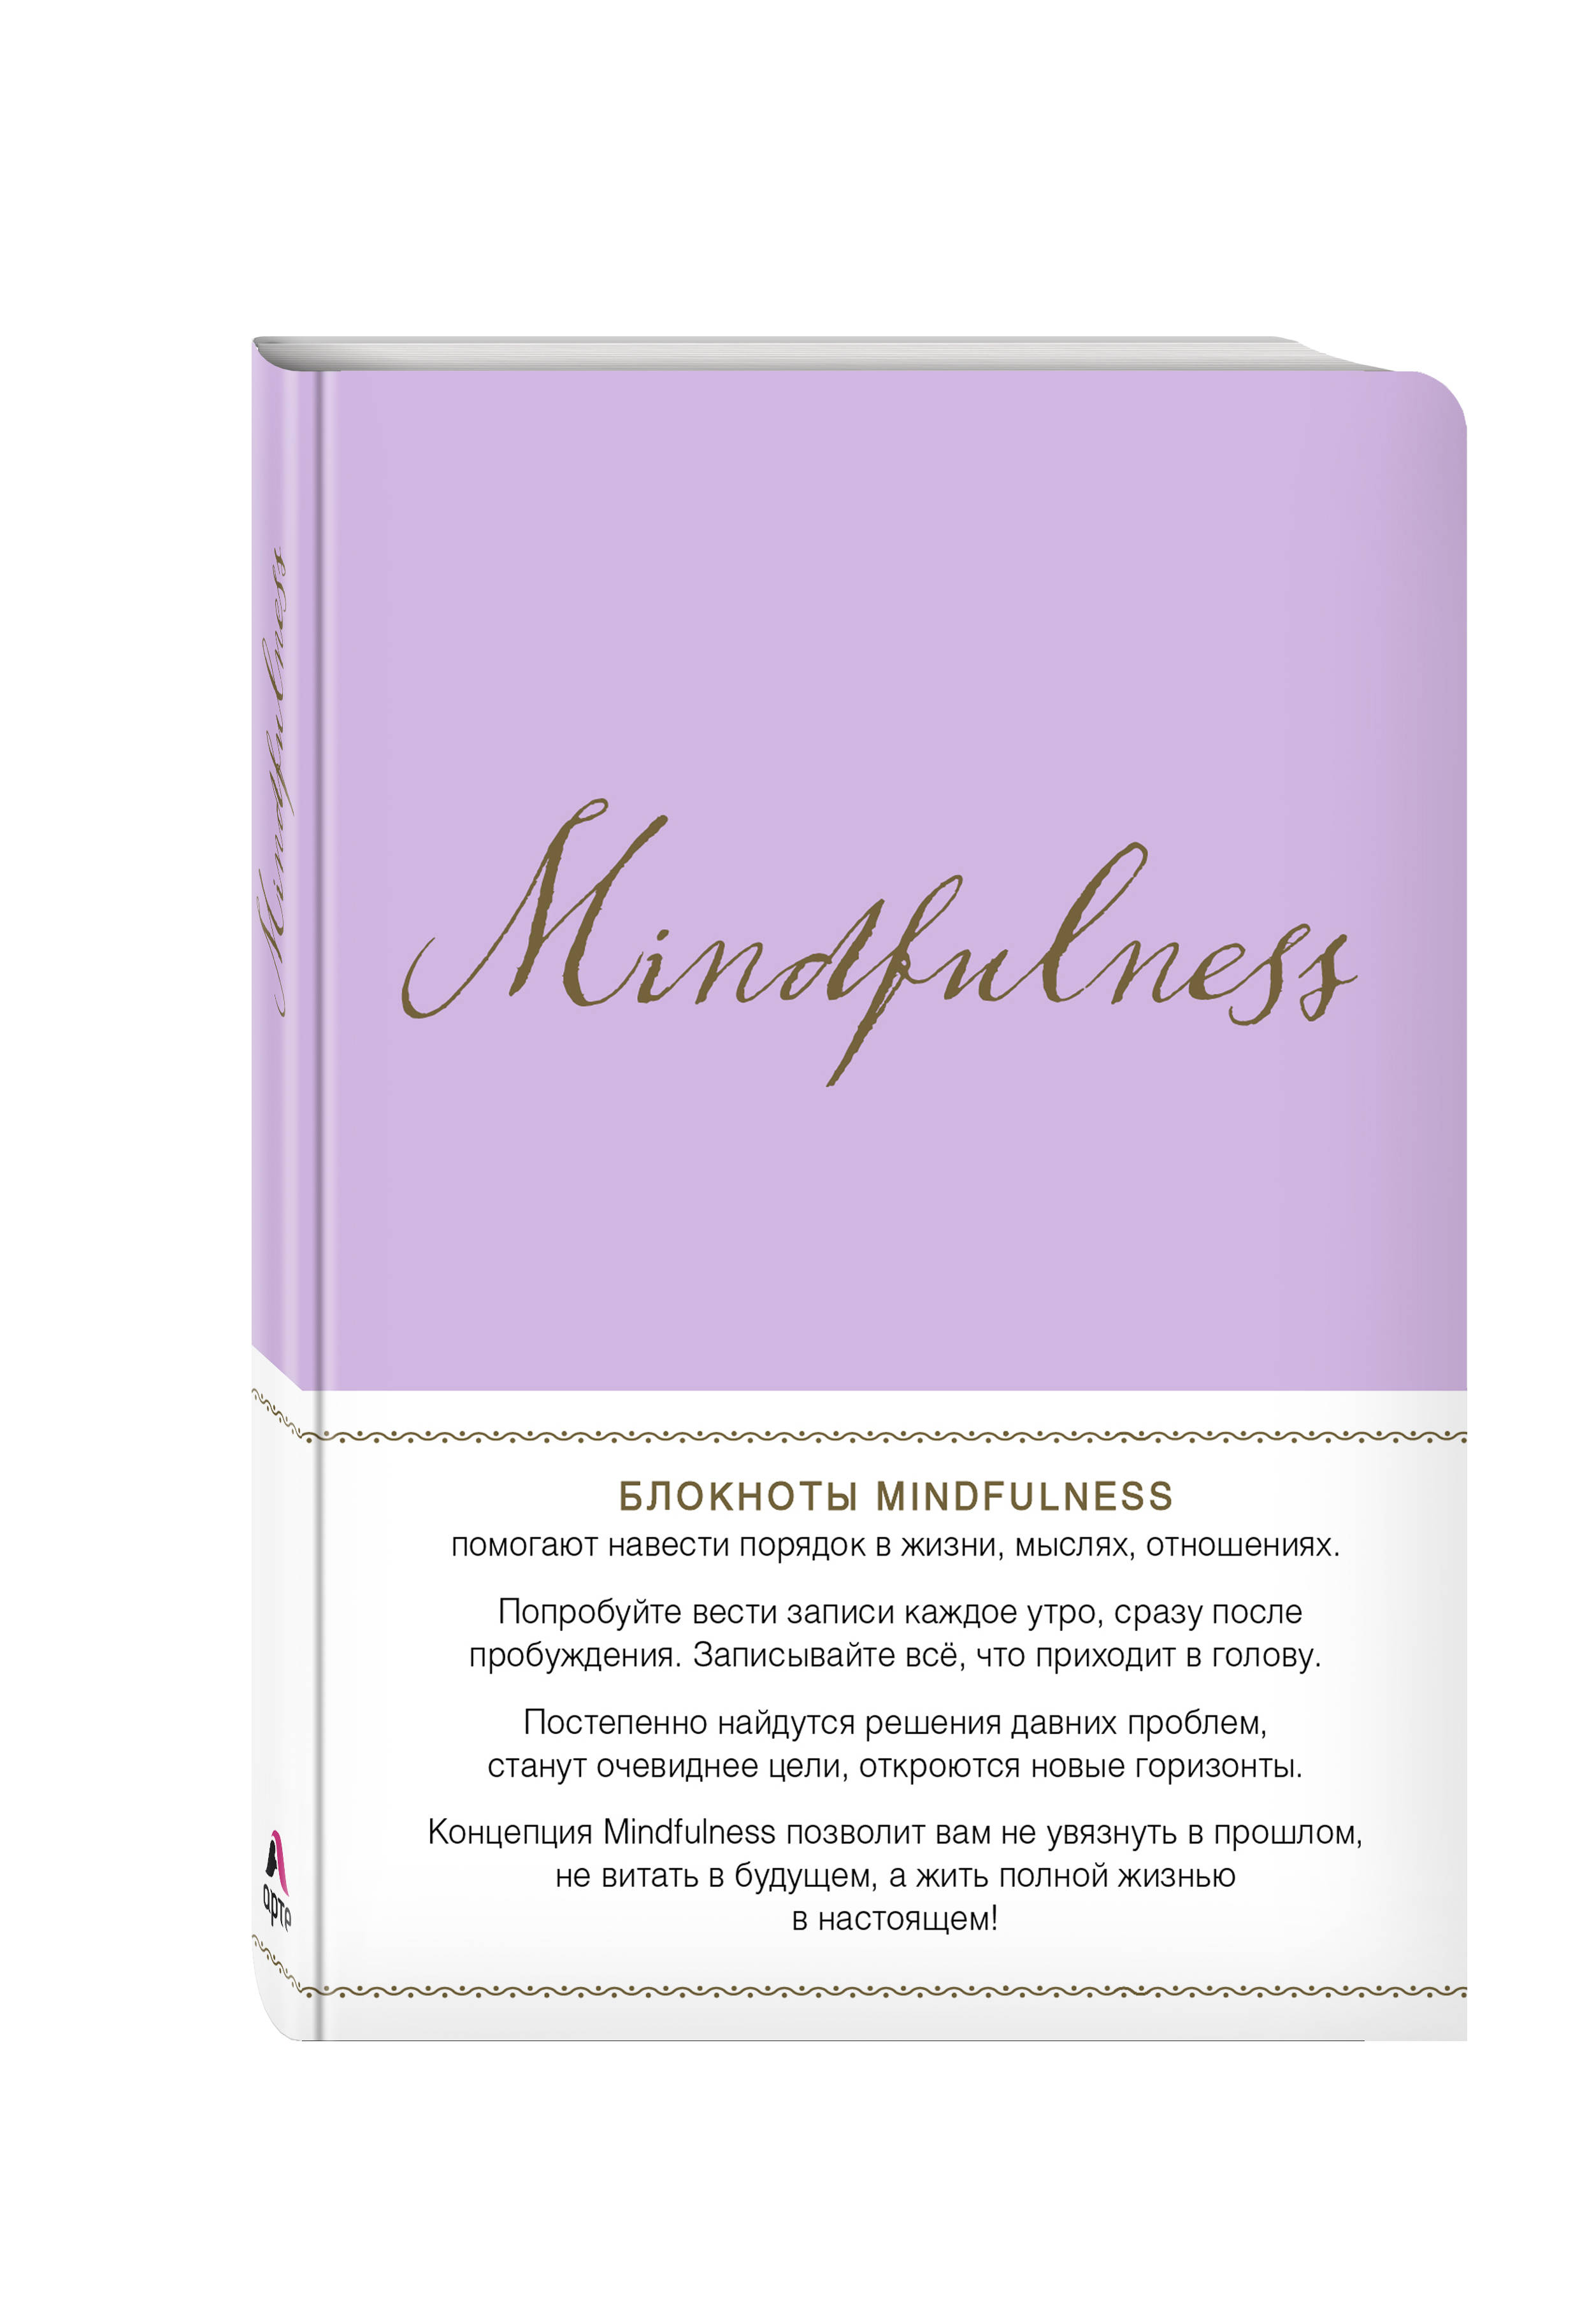 Mindfulness. Утренние страницы (лаванда) (скругленные углы) (Арте) mind ulness утренние страницы лимон